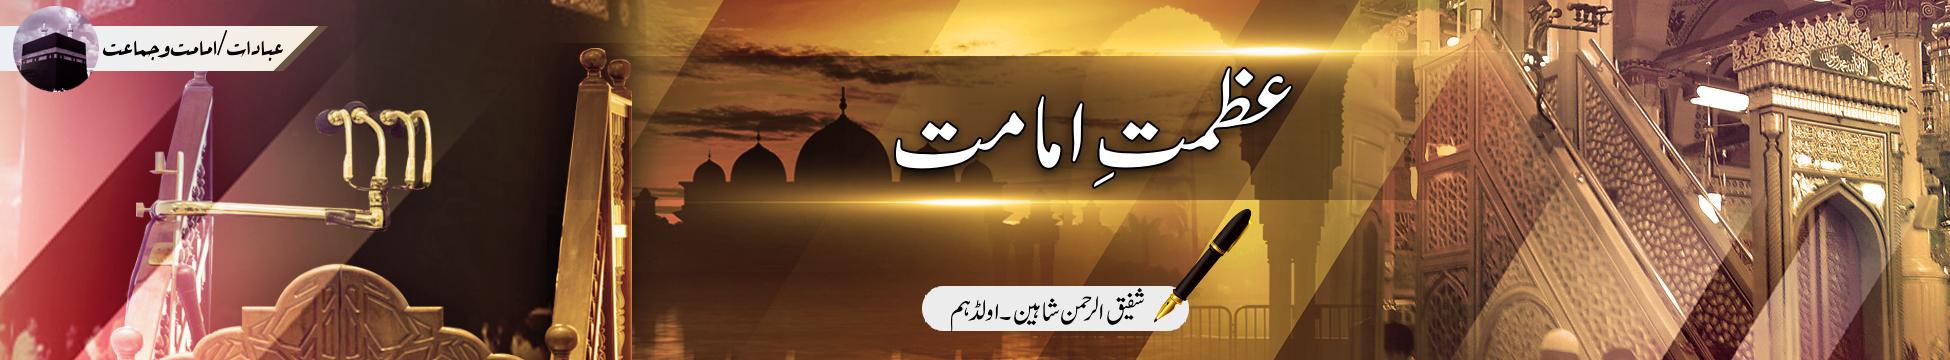 عظمت ِامامت۔شفیق الرحمن شاہین۔اولڈہم